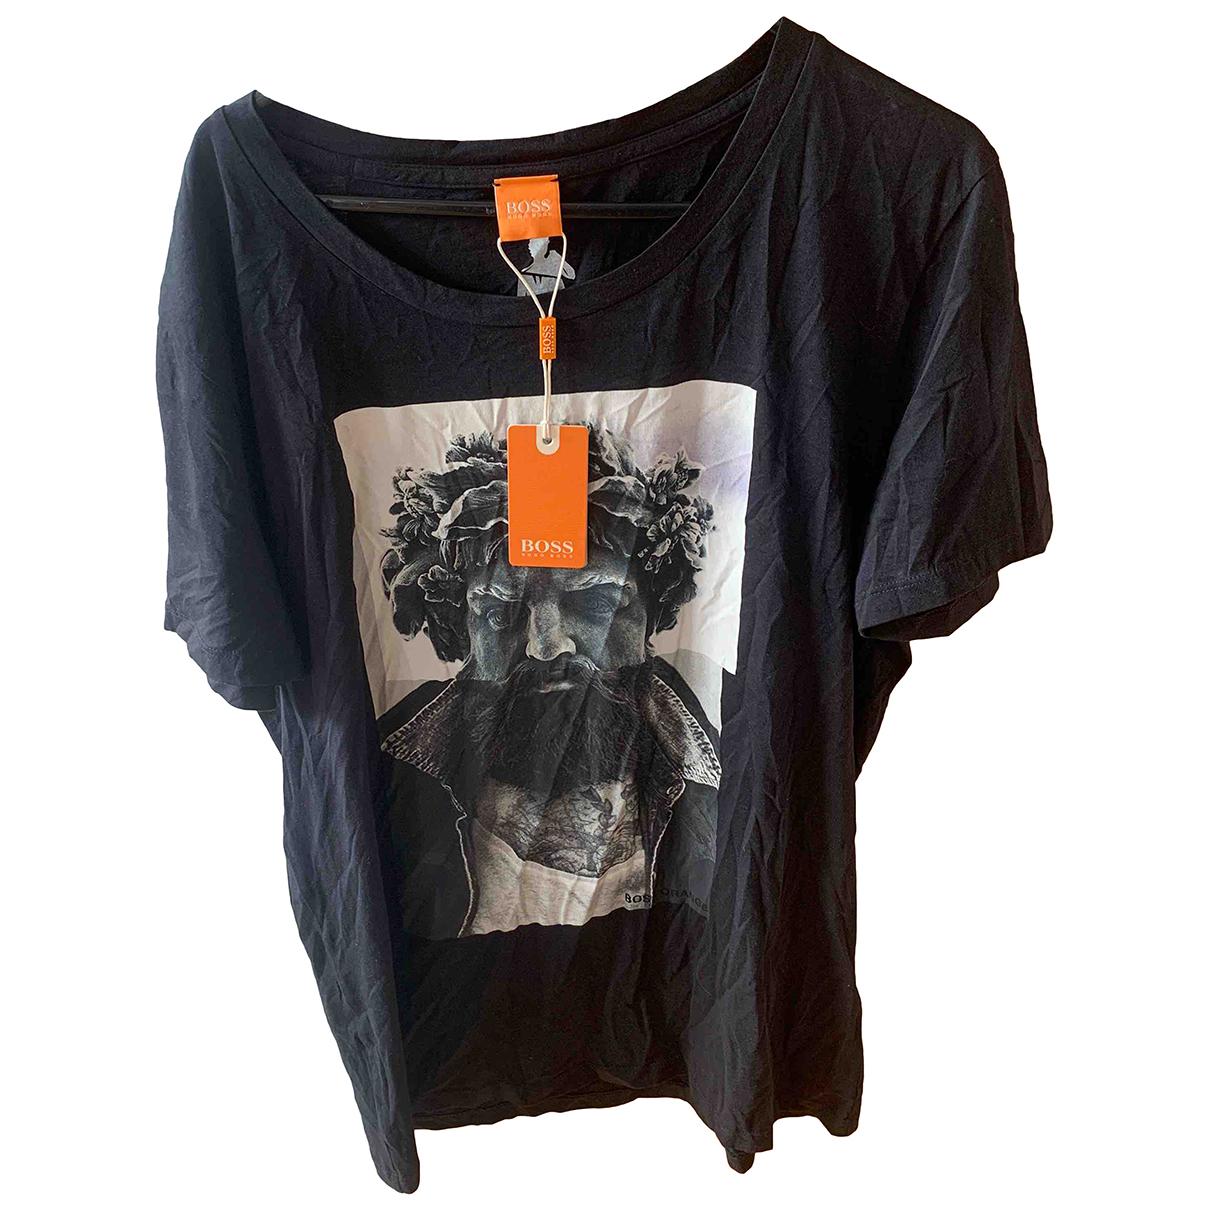 Boss - Tee shirts   pour homme en coton - noir